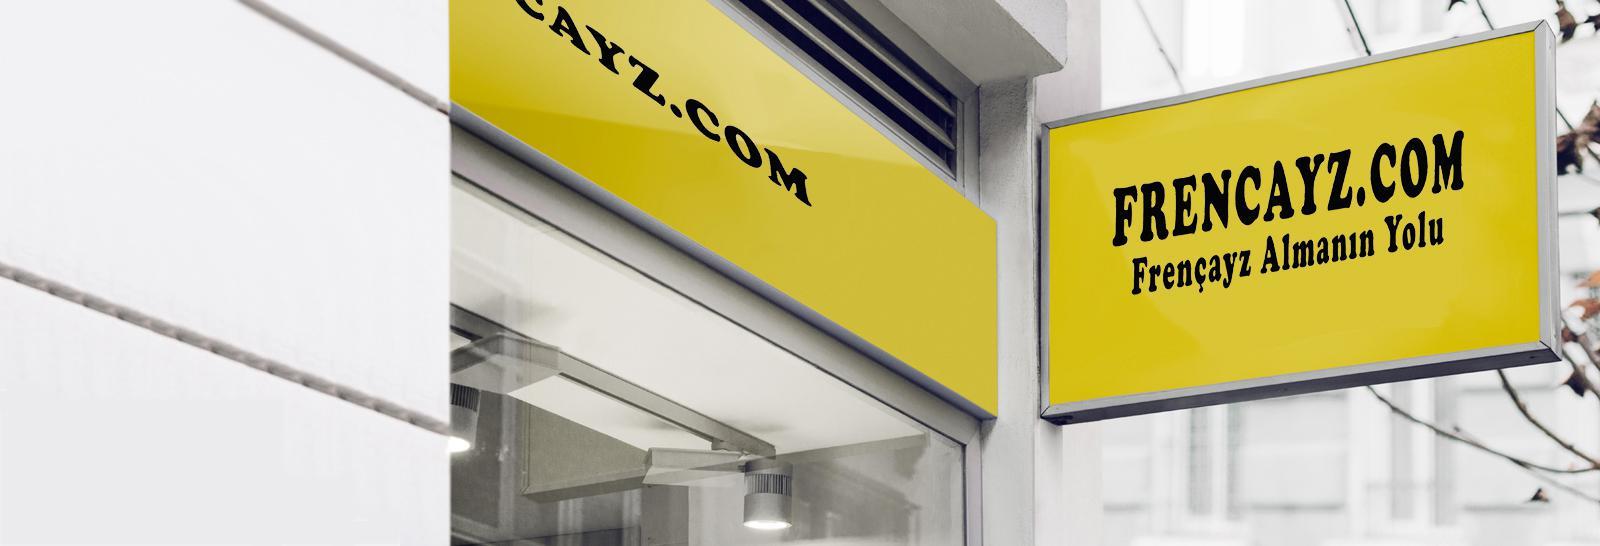 Frencayz.com Türkiye'de Frençayz Almanın Yolu